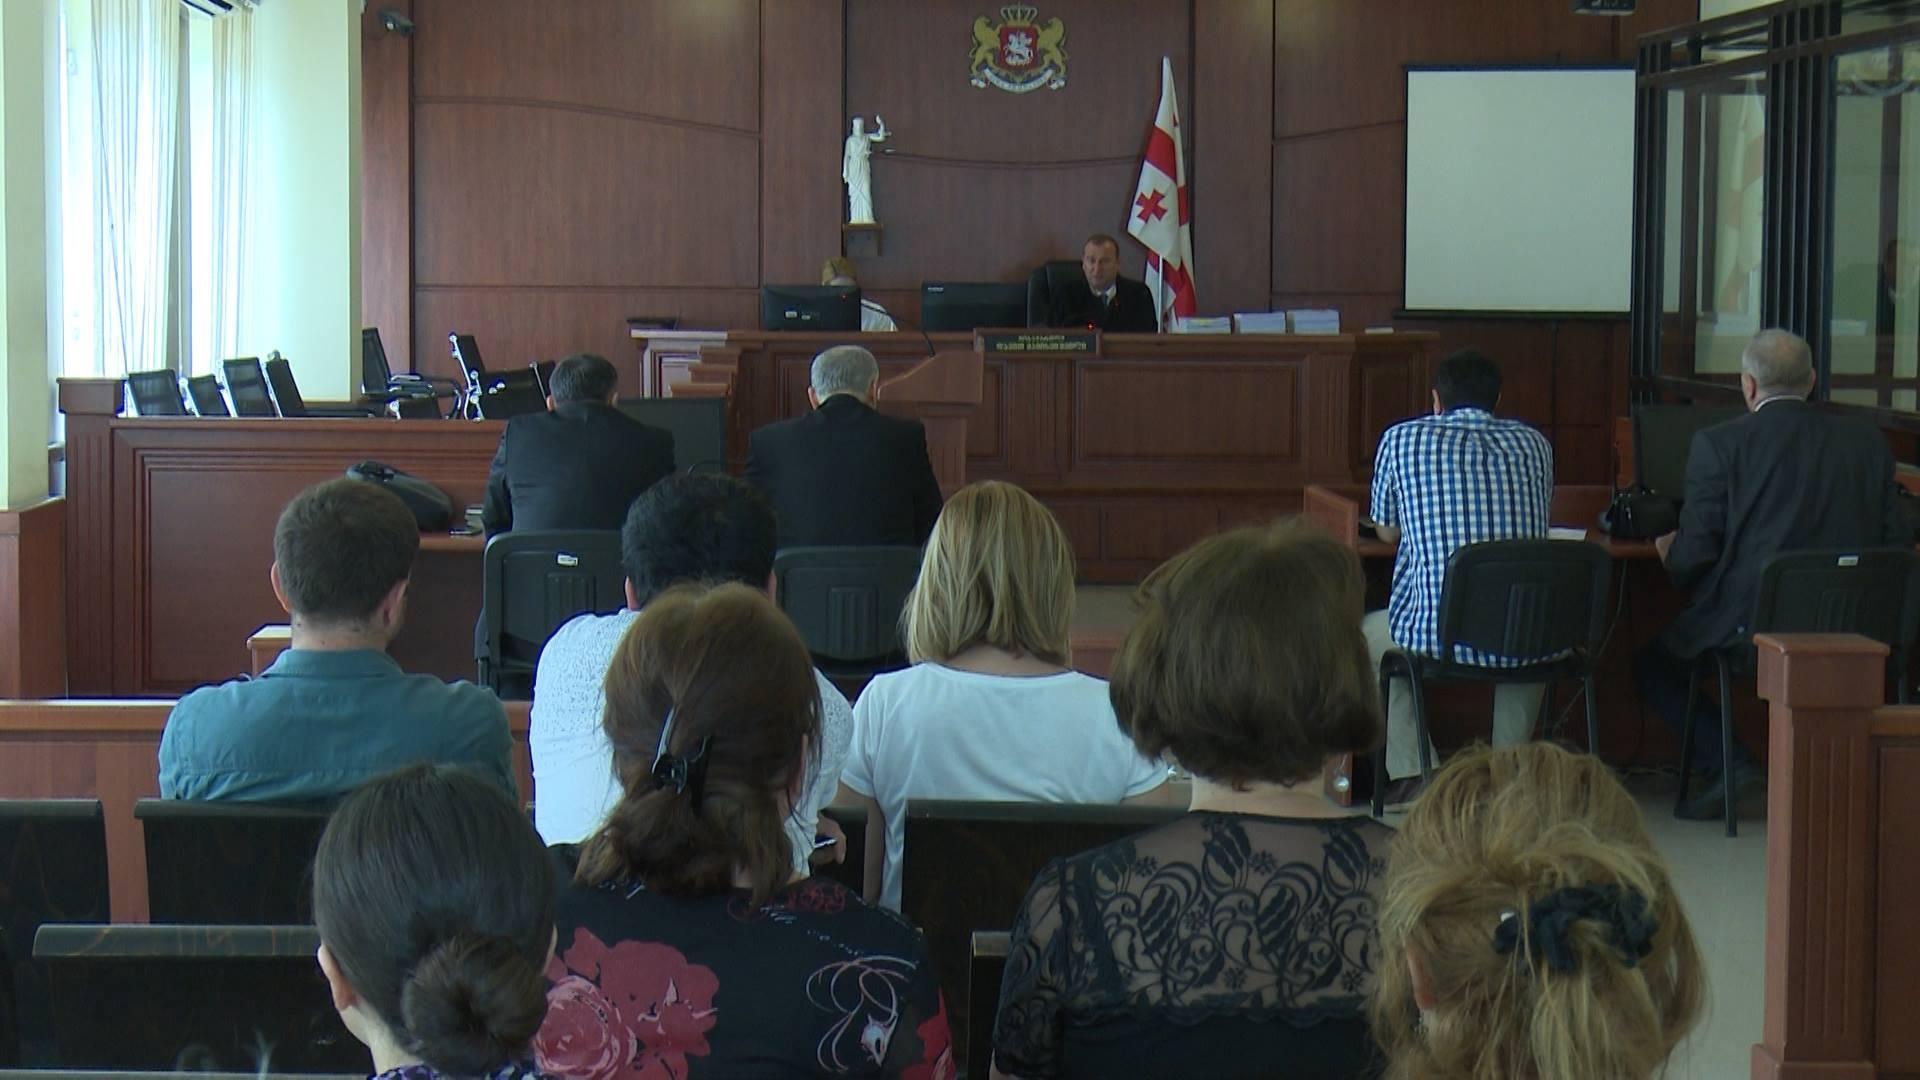 11-12 მარტის მოვლენების ორგანიზებაში ბრალდებული პირების მერაბ ღოღობერიძისა და ირაკლი ჩხვირკიას სასამართლო პროცესი არ დაწყებულა